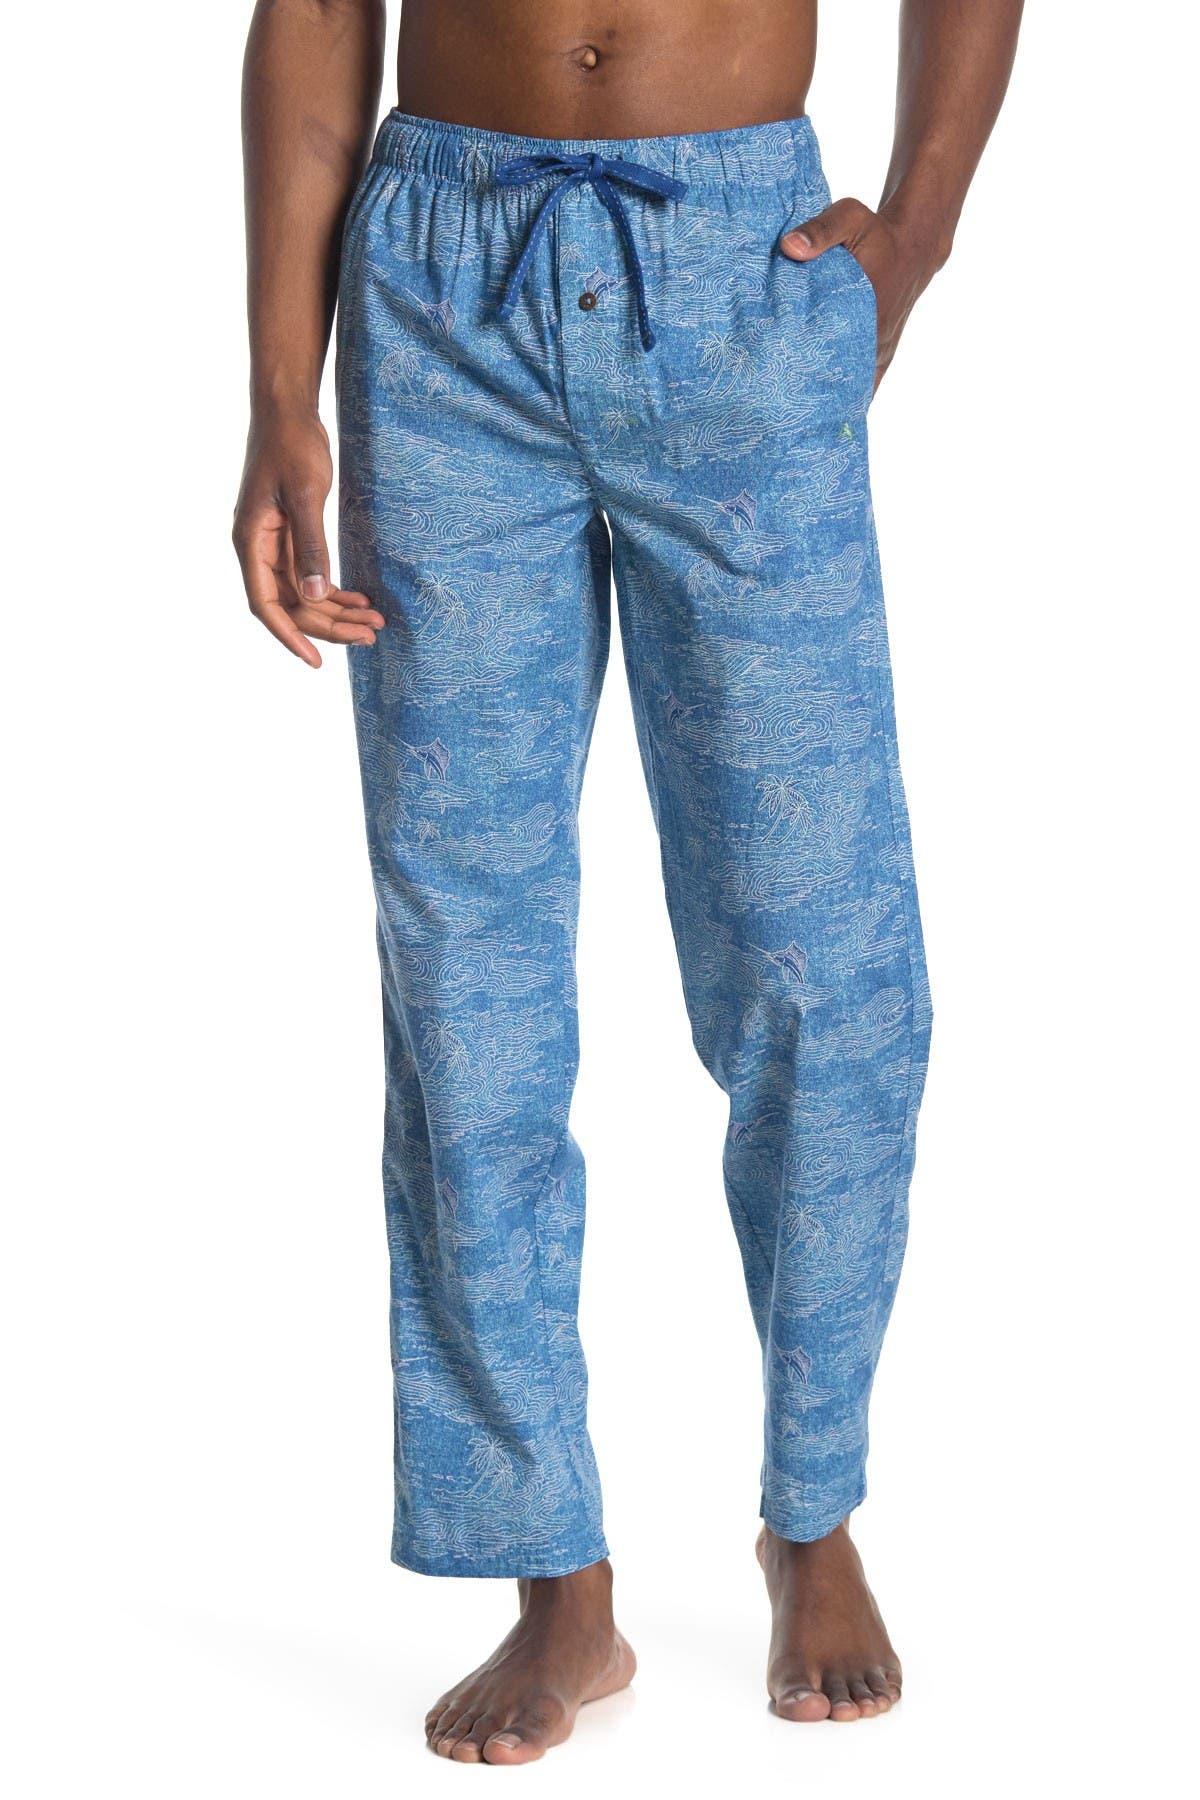 Image of Tommy Bahama Printed Drawstring Pajama Pants